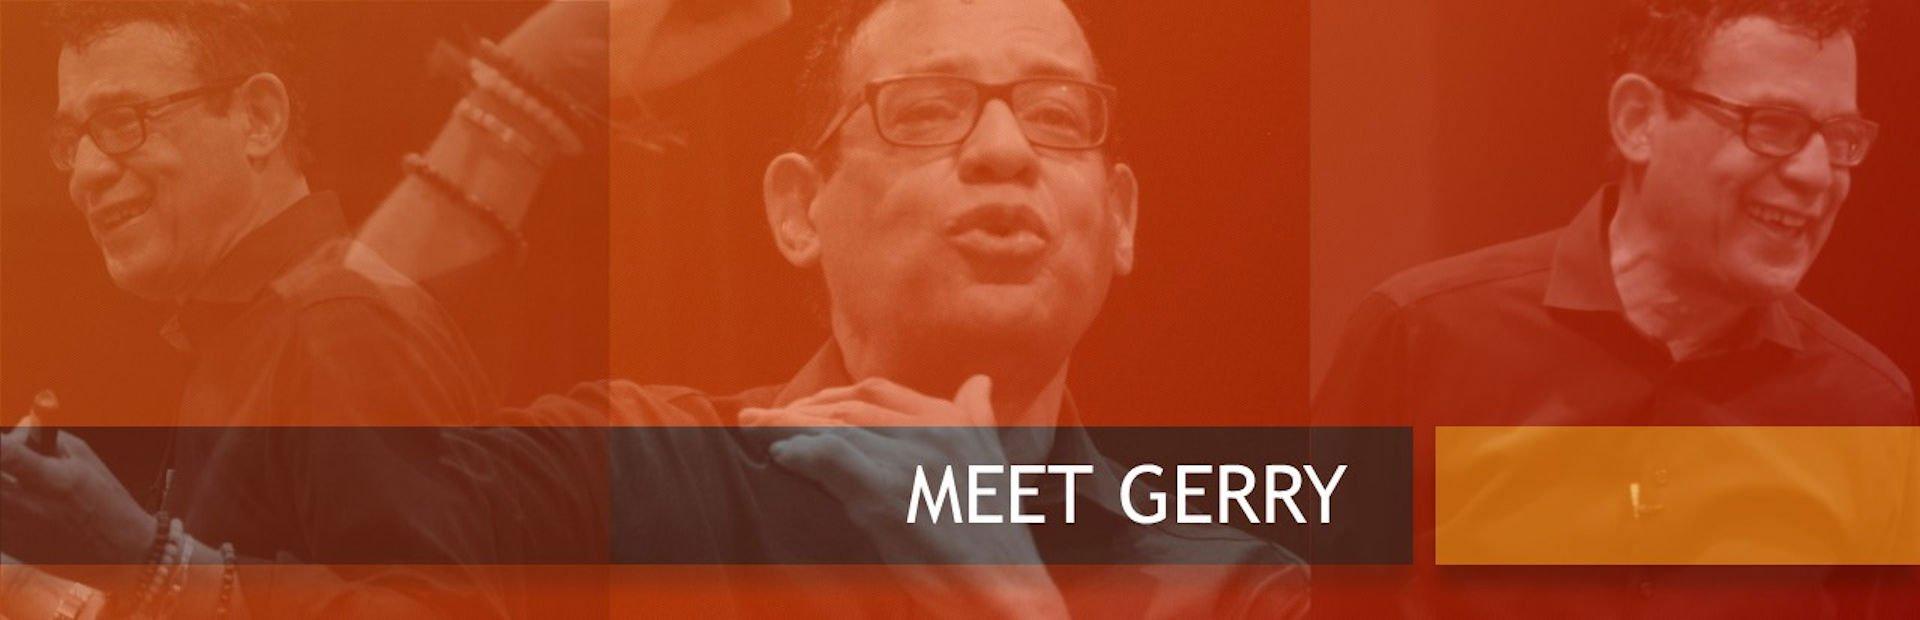 Gerry Foster - Branding Evangelist